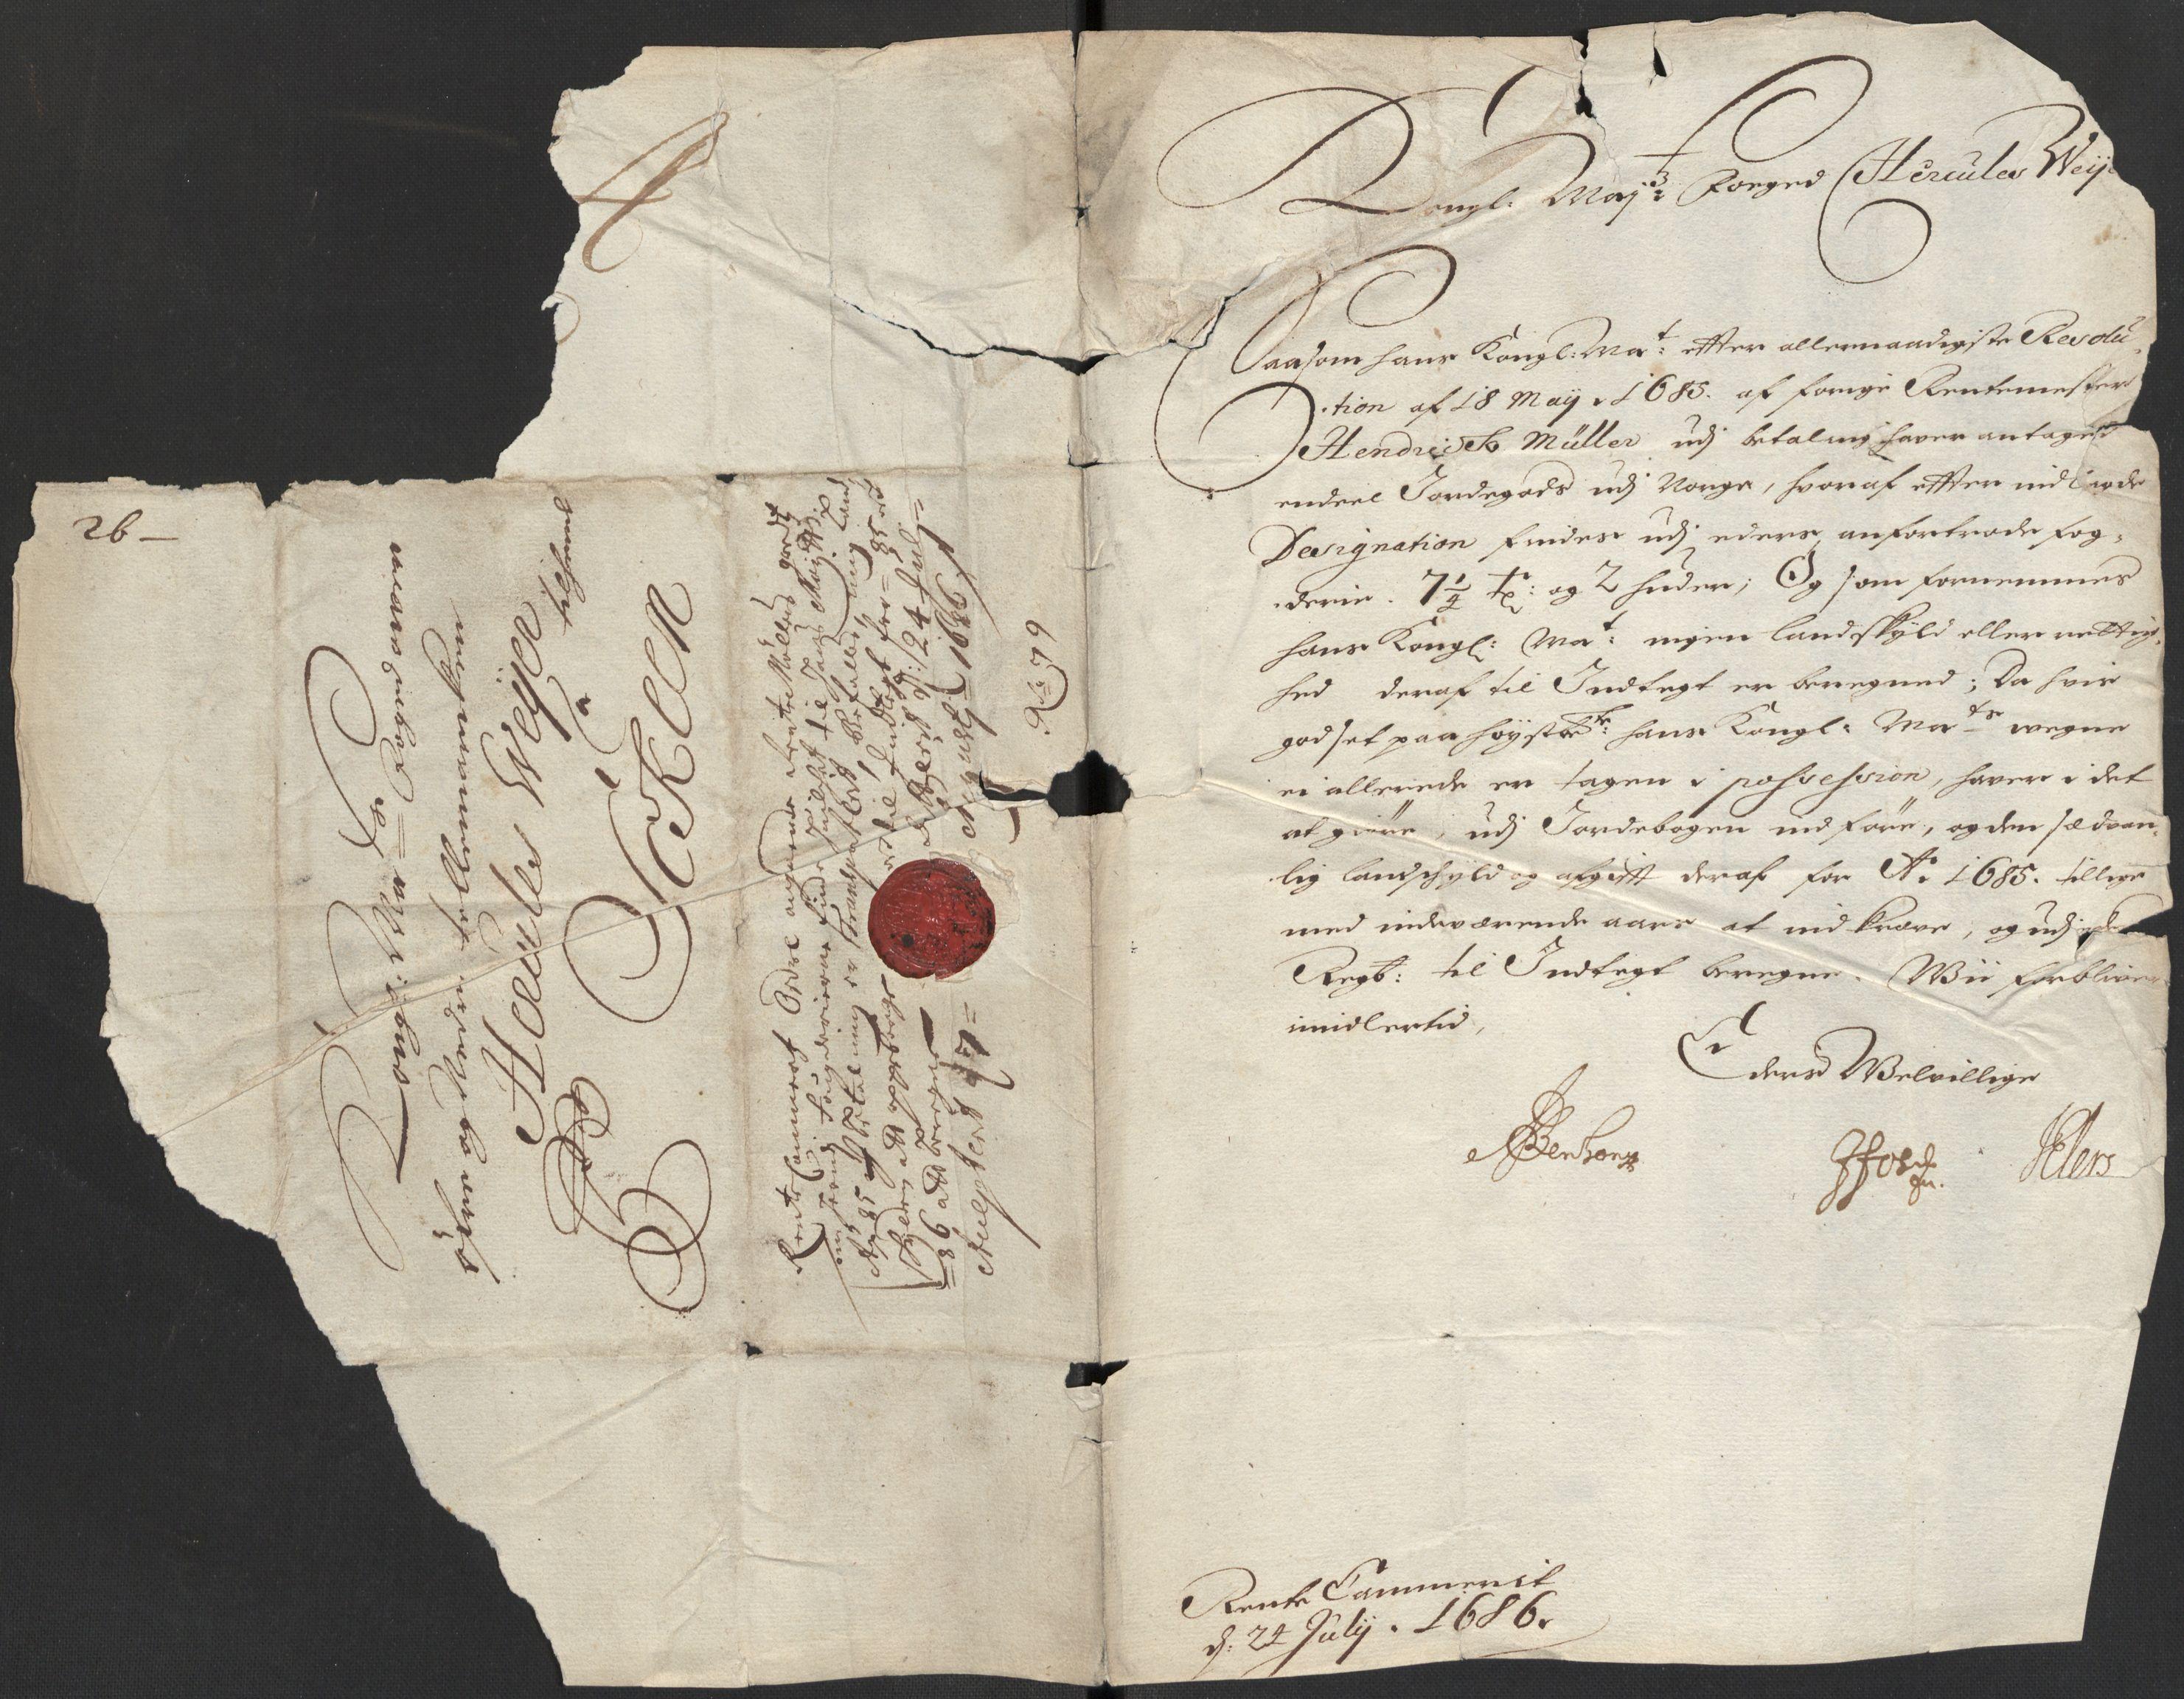 RA, Rentekammeret inntil 1814, Reviderte regnskaper, Fogderegnskap, R35/L2083: Fogderegnskap Øvre og Nedre Telemark, 1686, s. 17